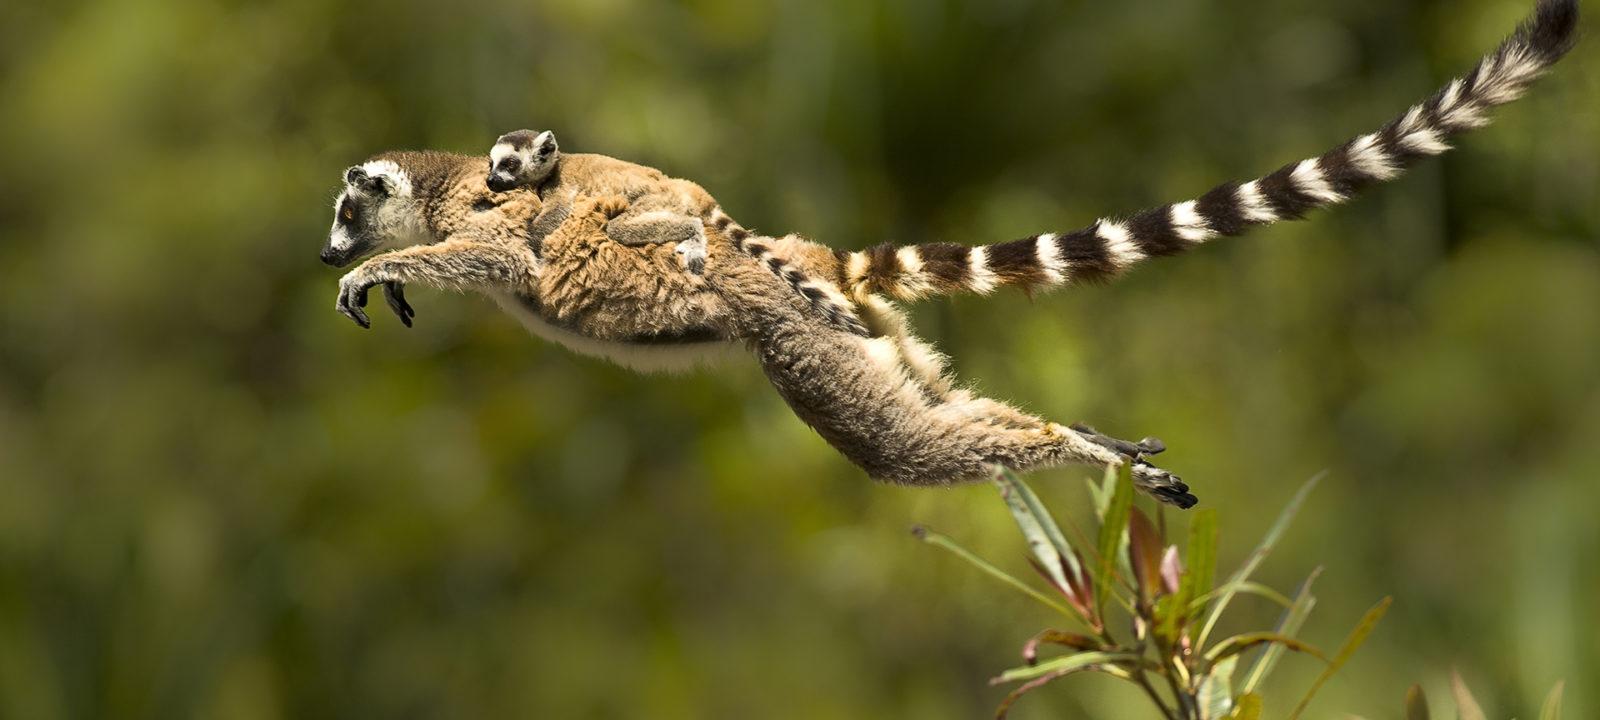 Madagascar_101_1920x1080